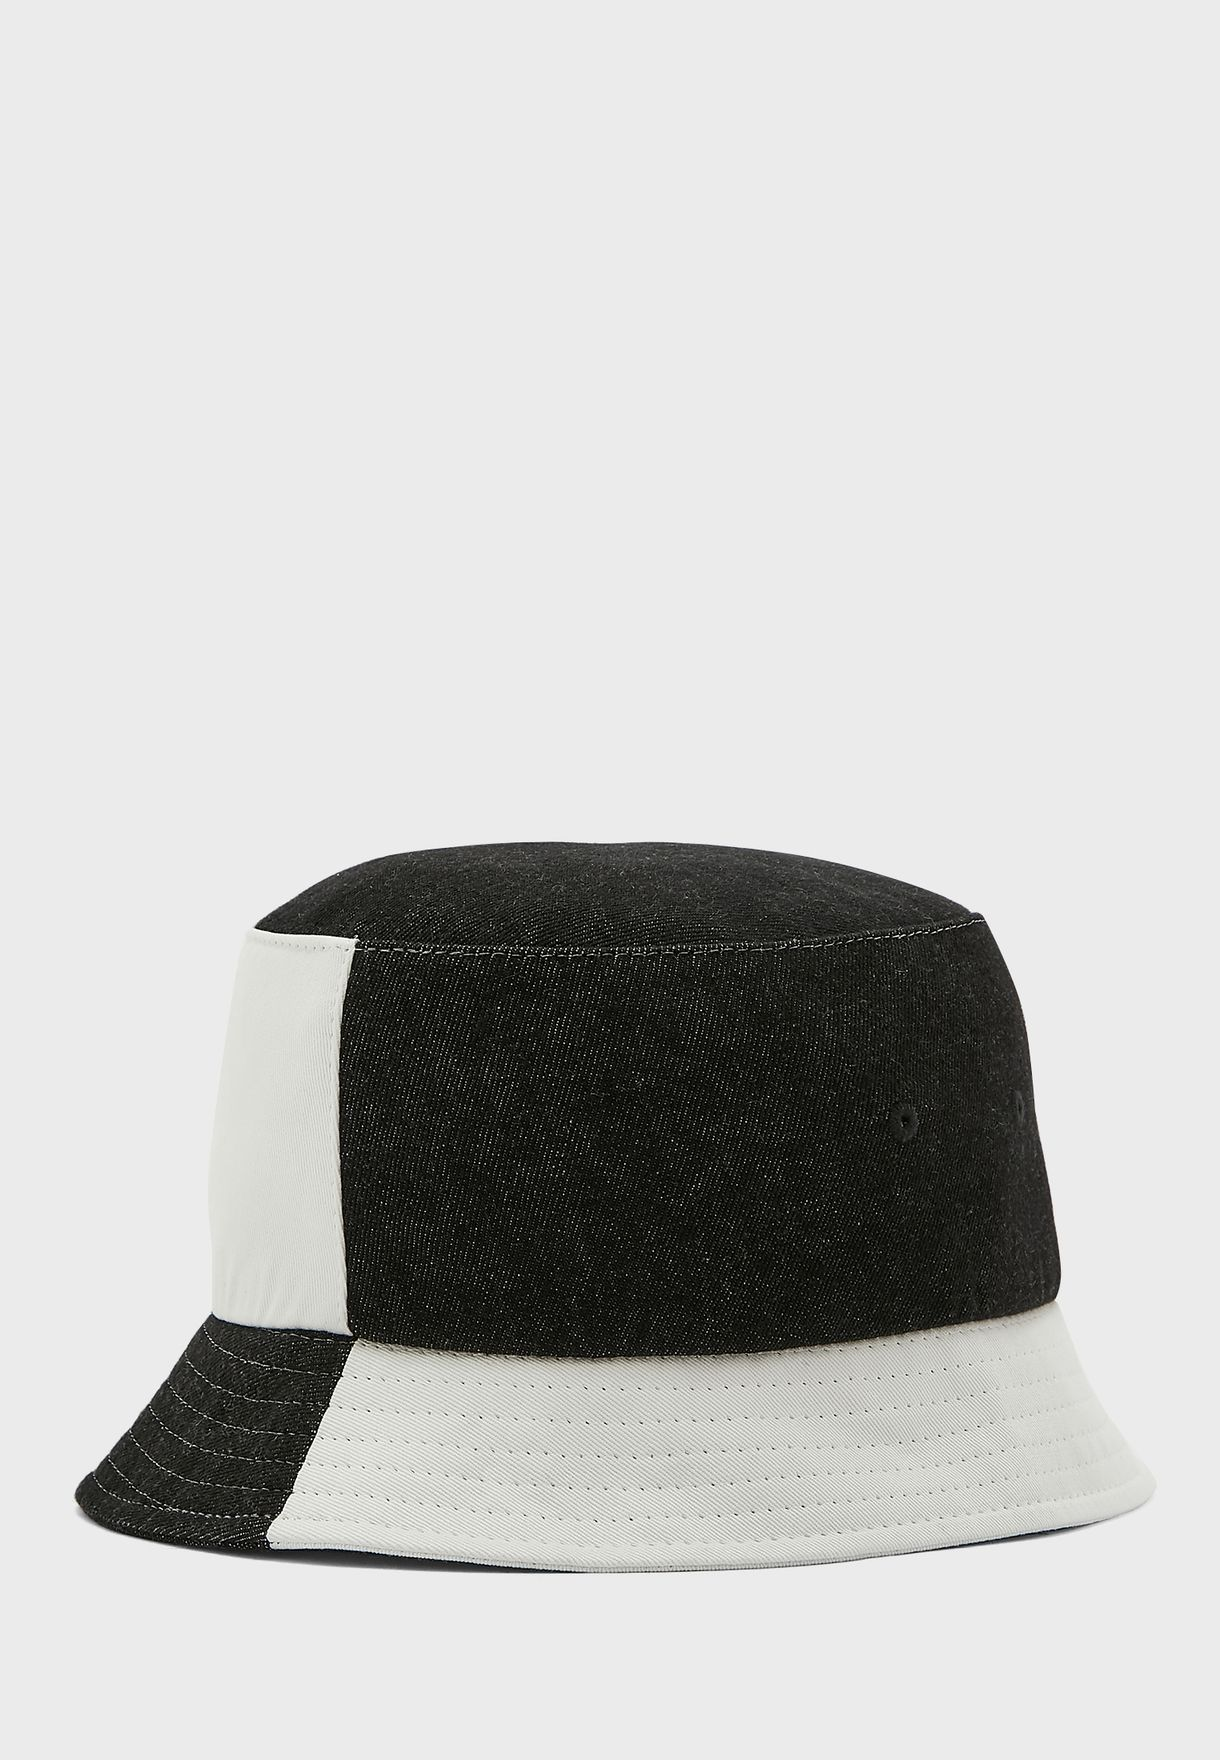 قبعة بنمط كتل الالوان